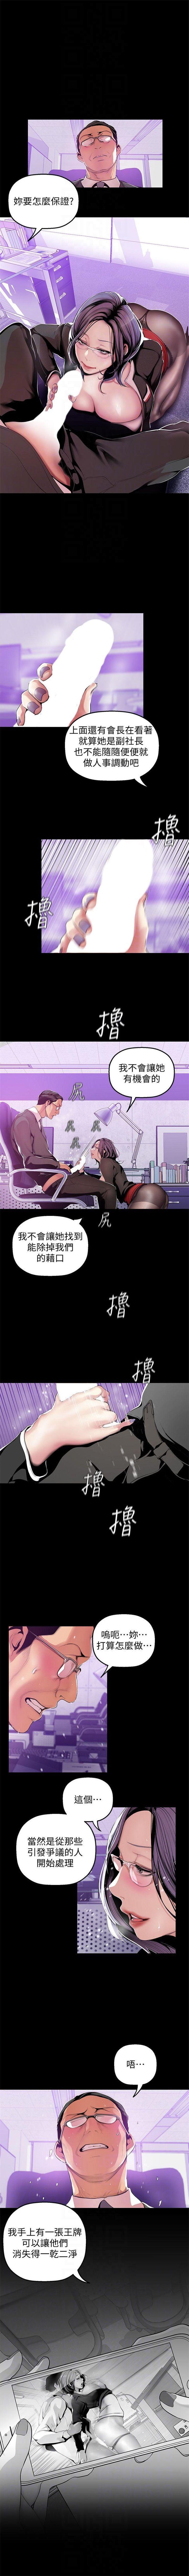 美麗新世界 1-85 官方中文(連載中) 341